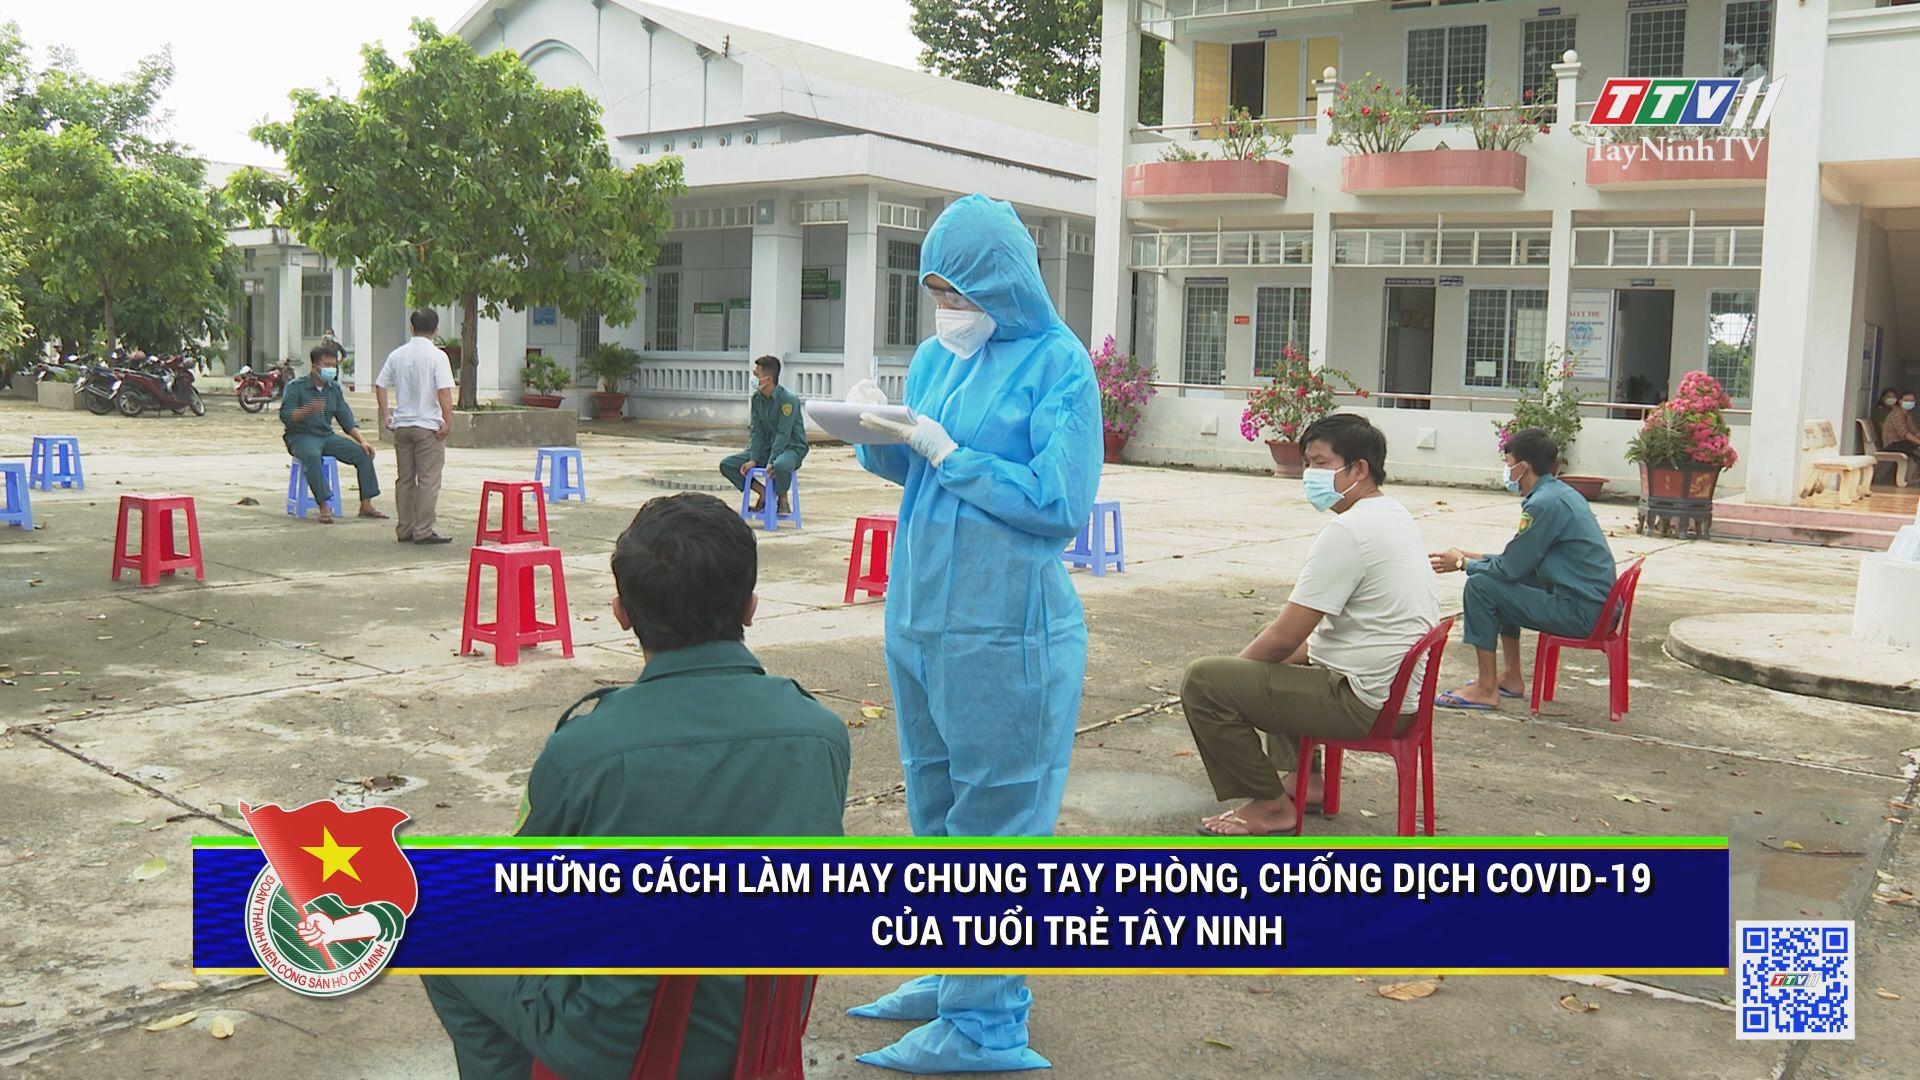 Những cách làm hay chung tay phòng, chống dịch Covid-19 của tuổi trẻ Tây Ninh | THANH NIÊN | TayNinhTV